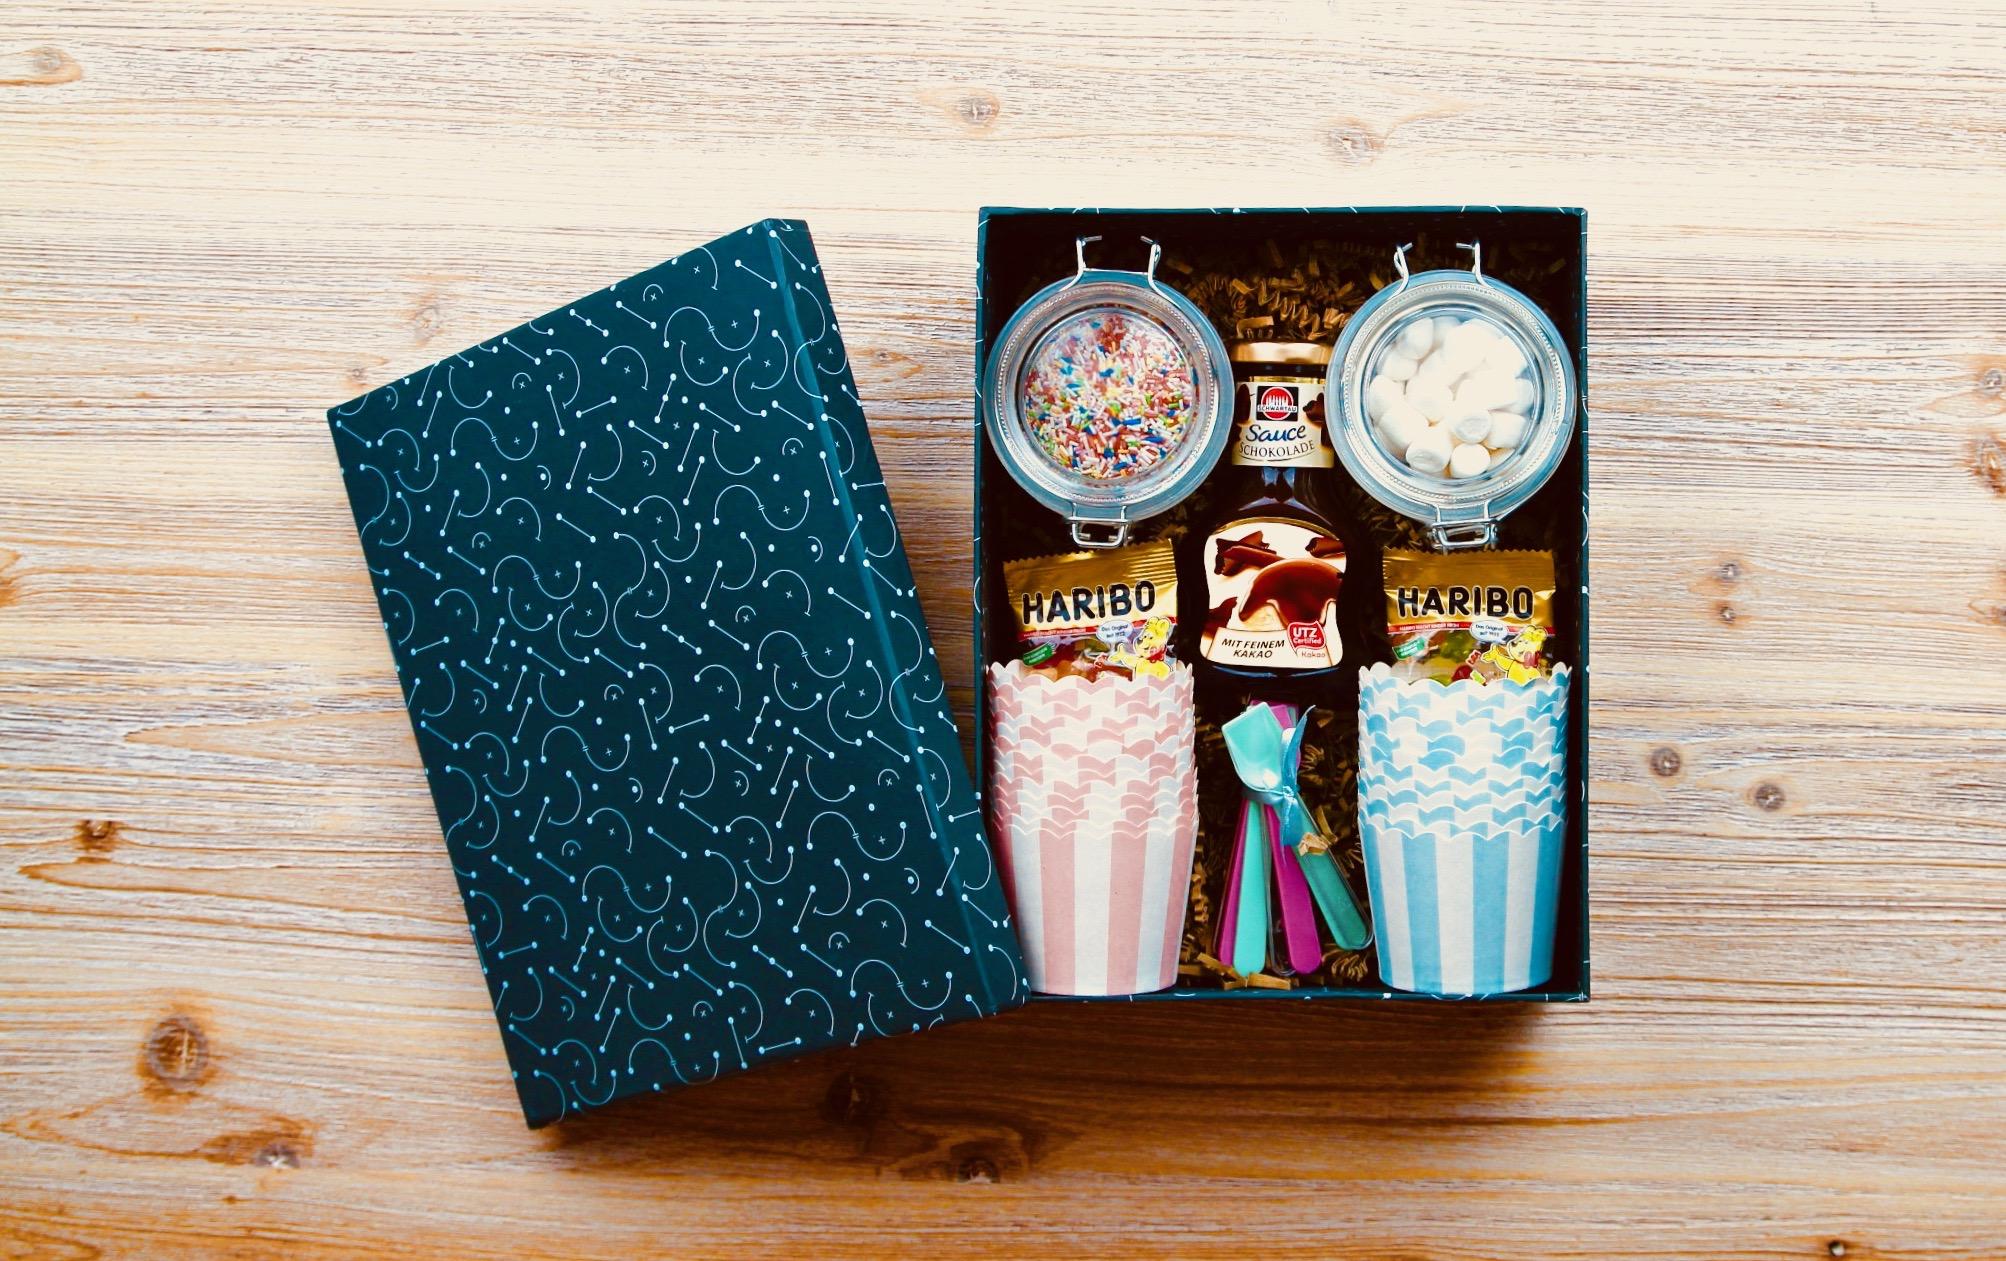 Presentkorg med glassbägare, strössel och godis för glassportioner